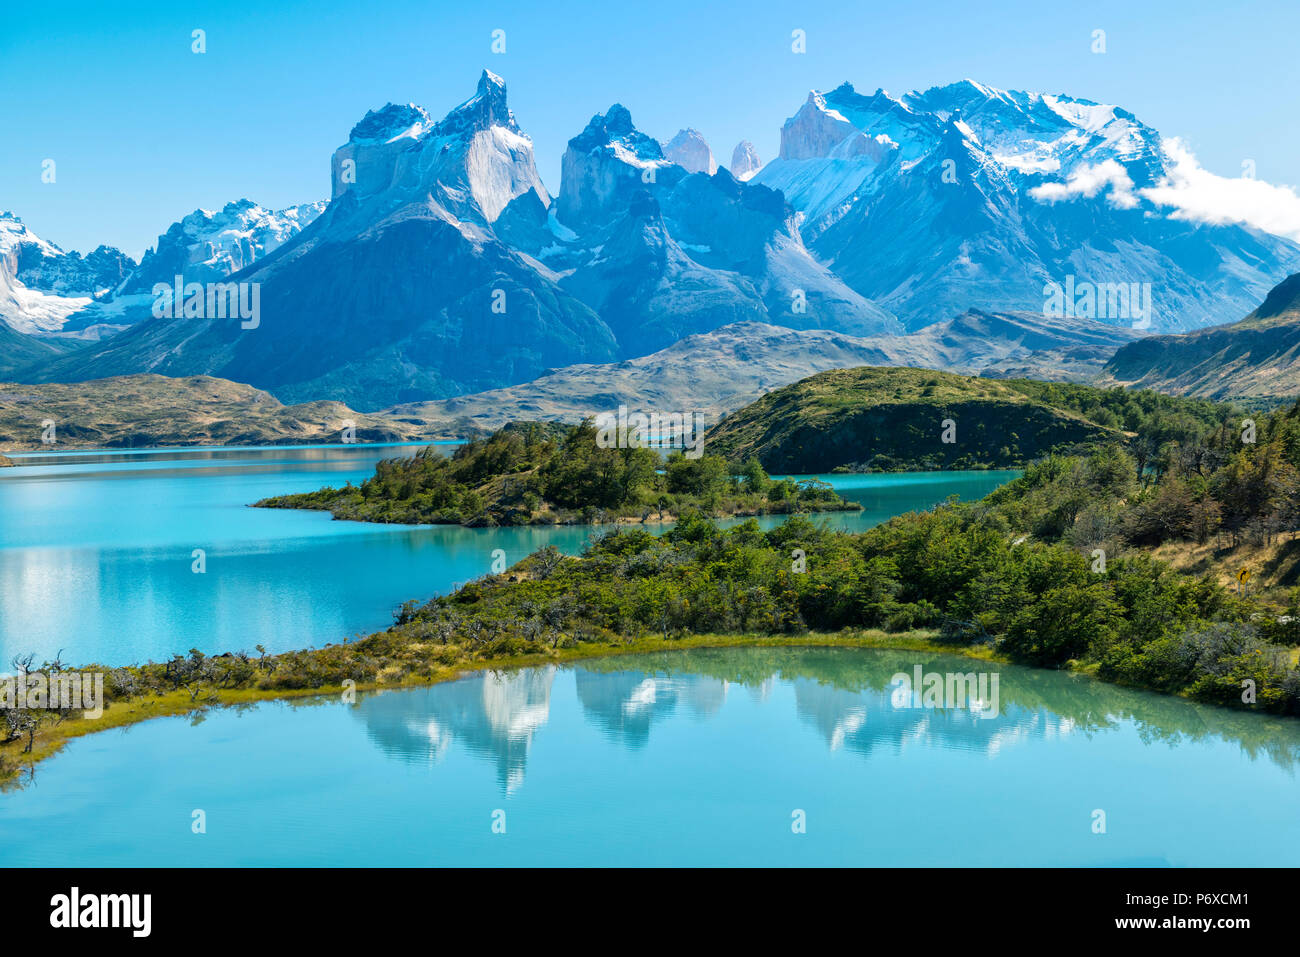 South America, Patagonia, Chile, Region de Magallanes y de la Antartica, Torres del Paine, National Park, Lago Pehoe and Los Cuernos Stock Photo